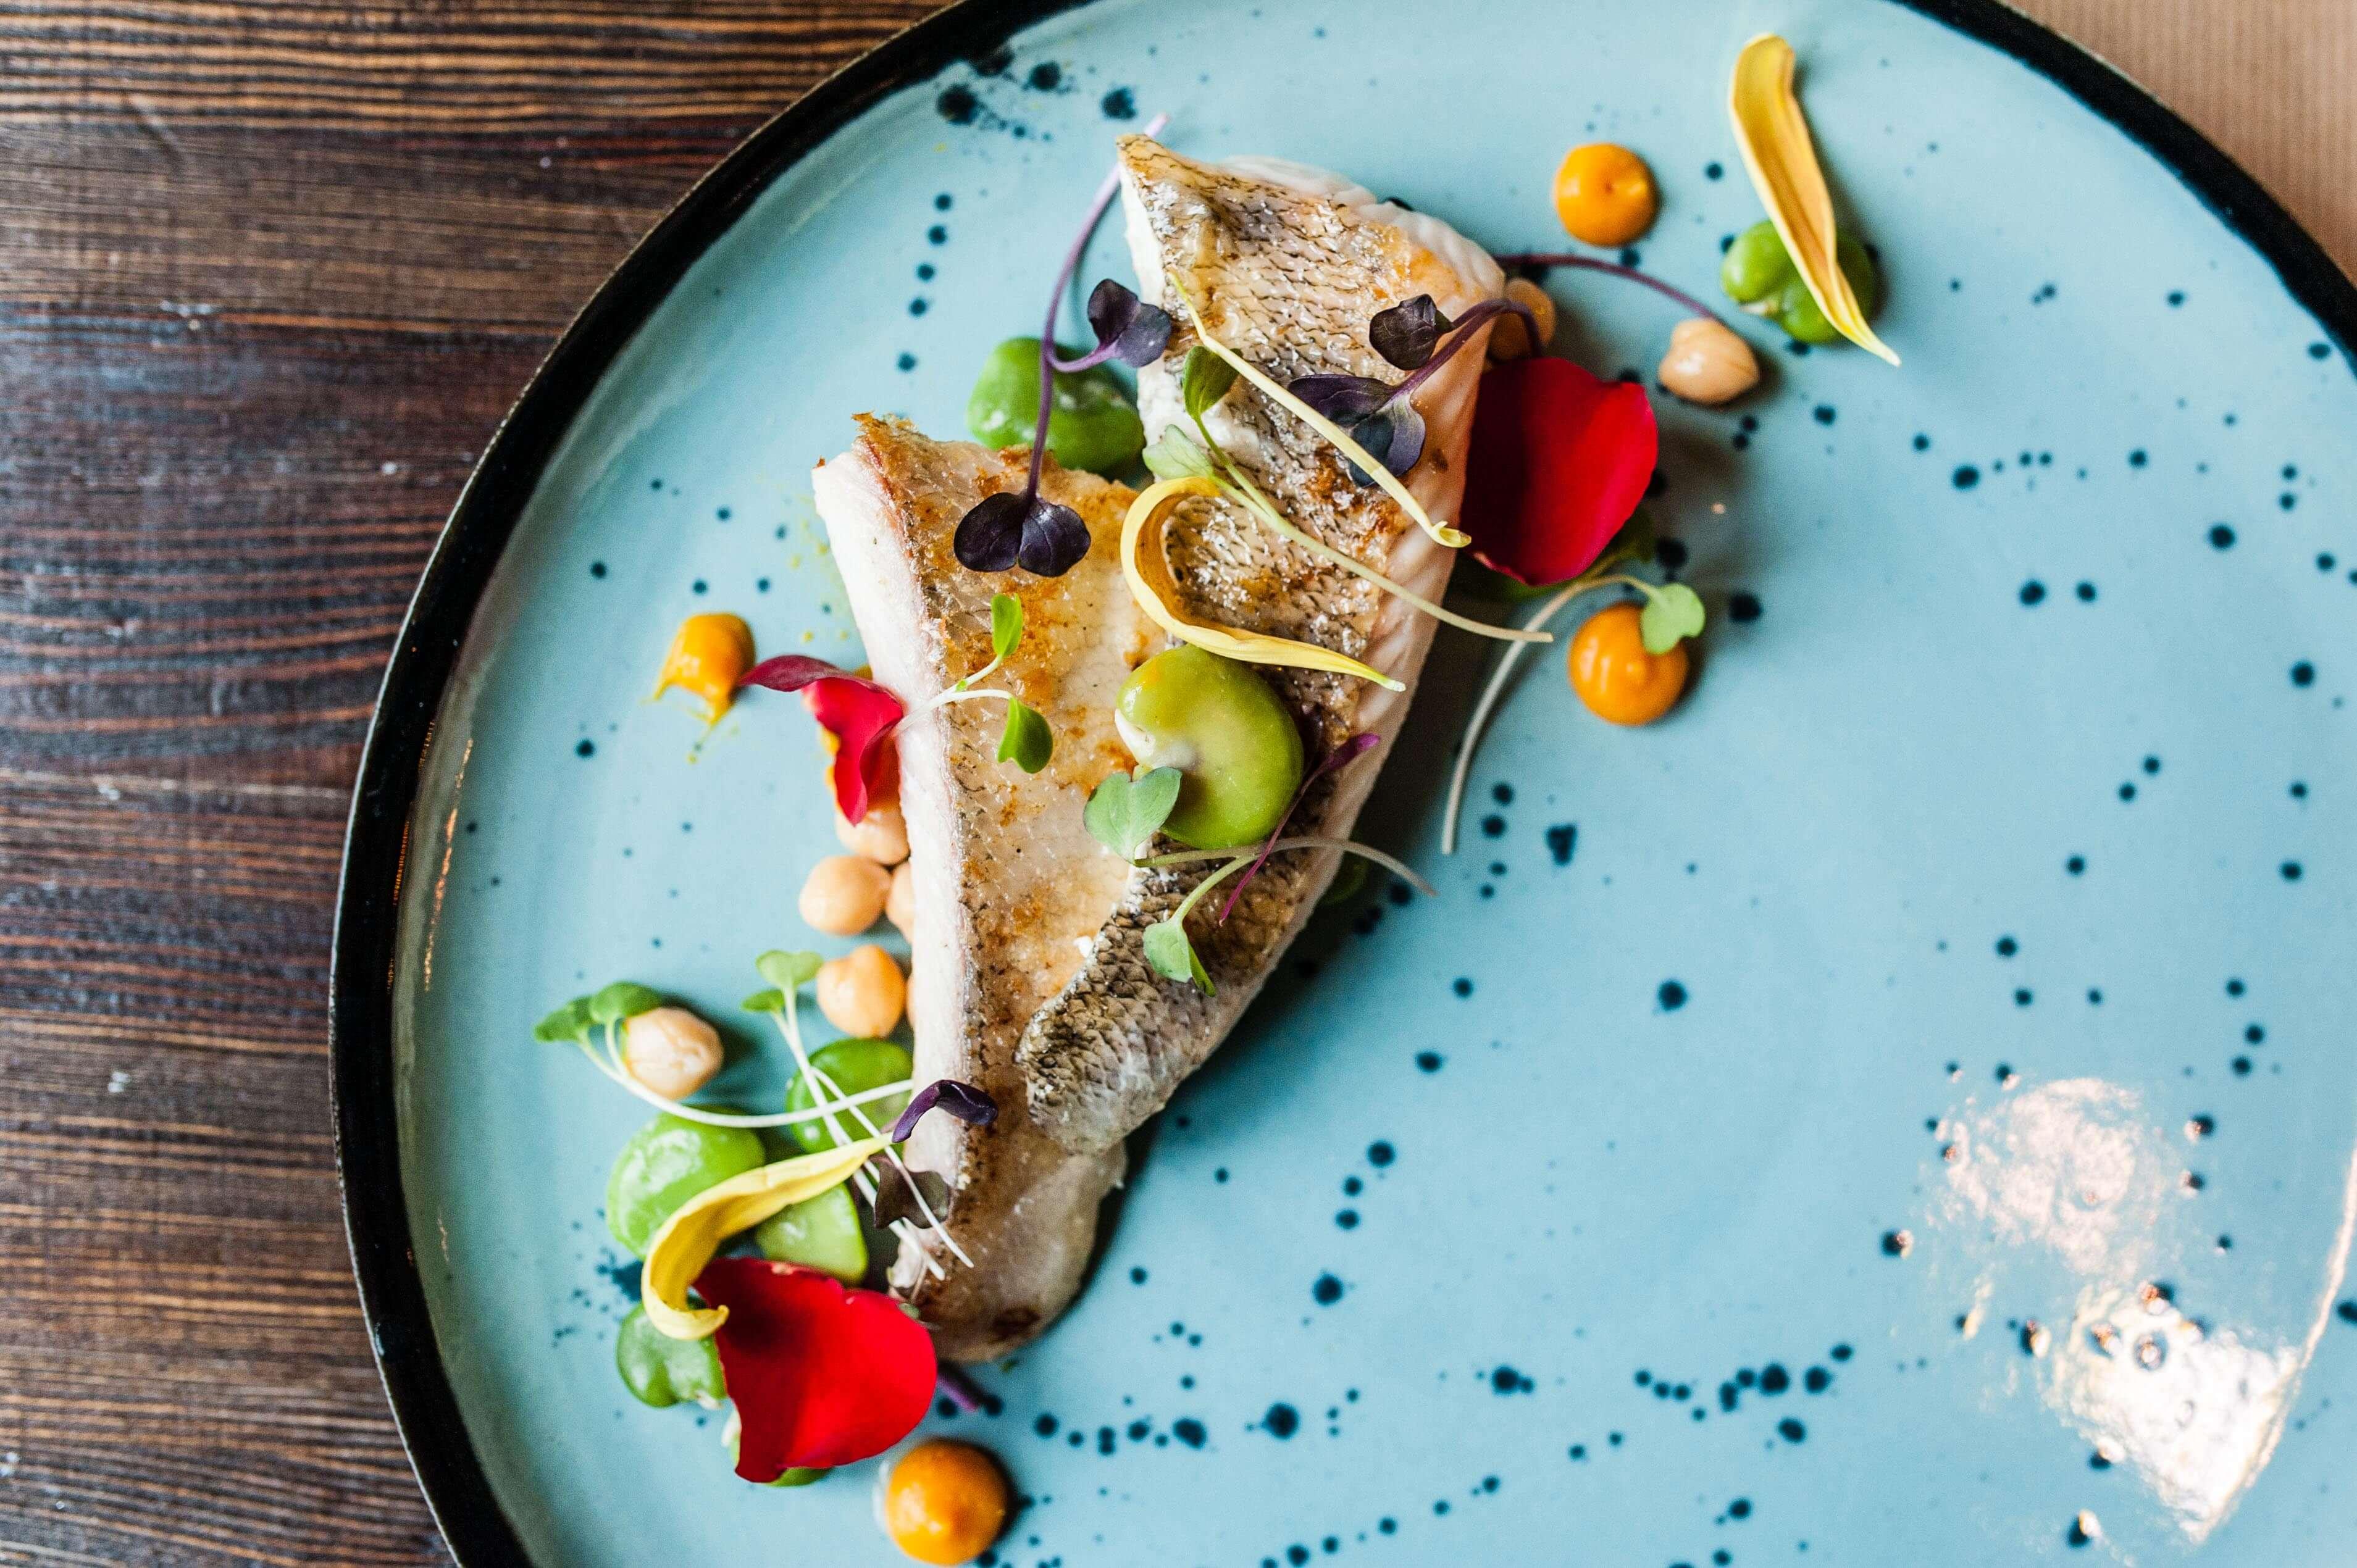 ryby Piwna 47 - Pomorze pełne tradycyjnych smaków